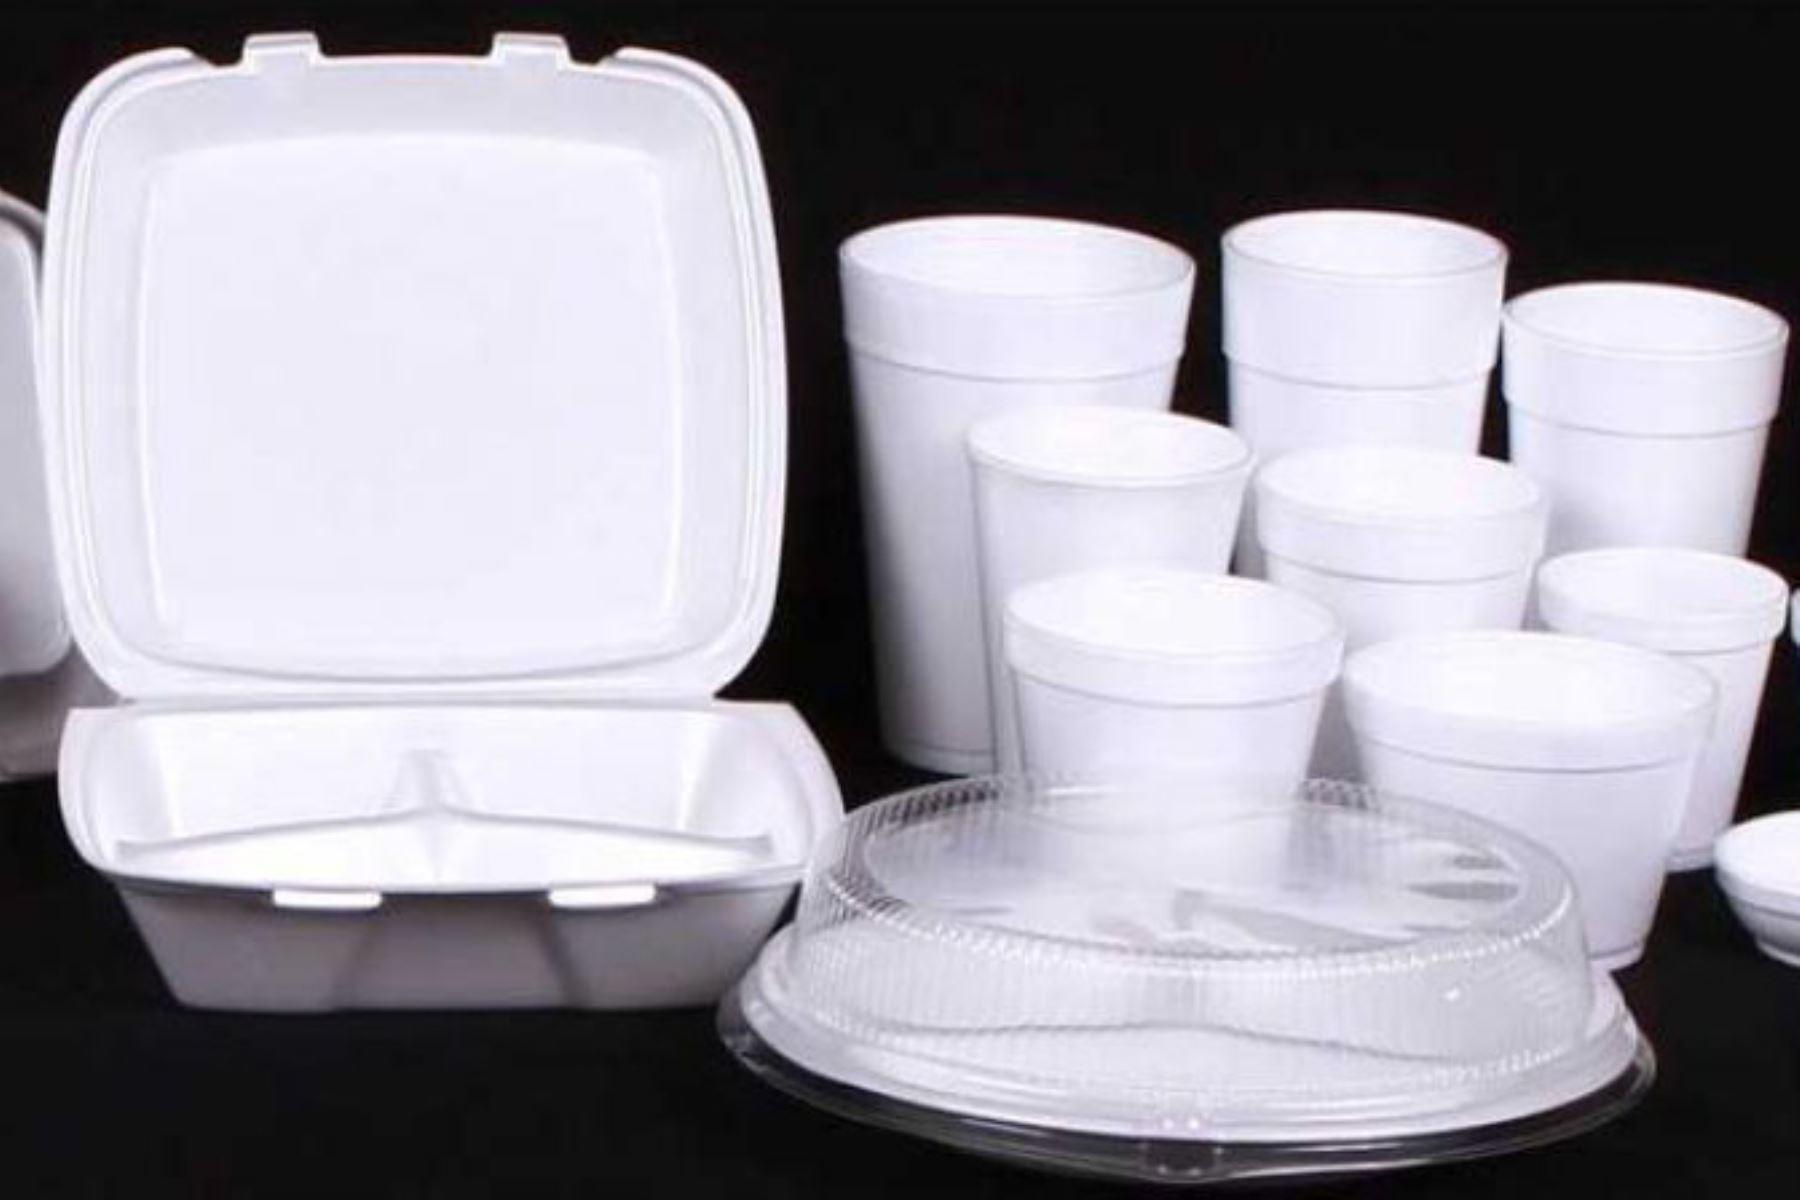 Instituciones estatales dirán adiós a los contenedores de plástico de uh solo uso. Foto: Internet/Medios